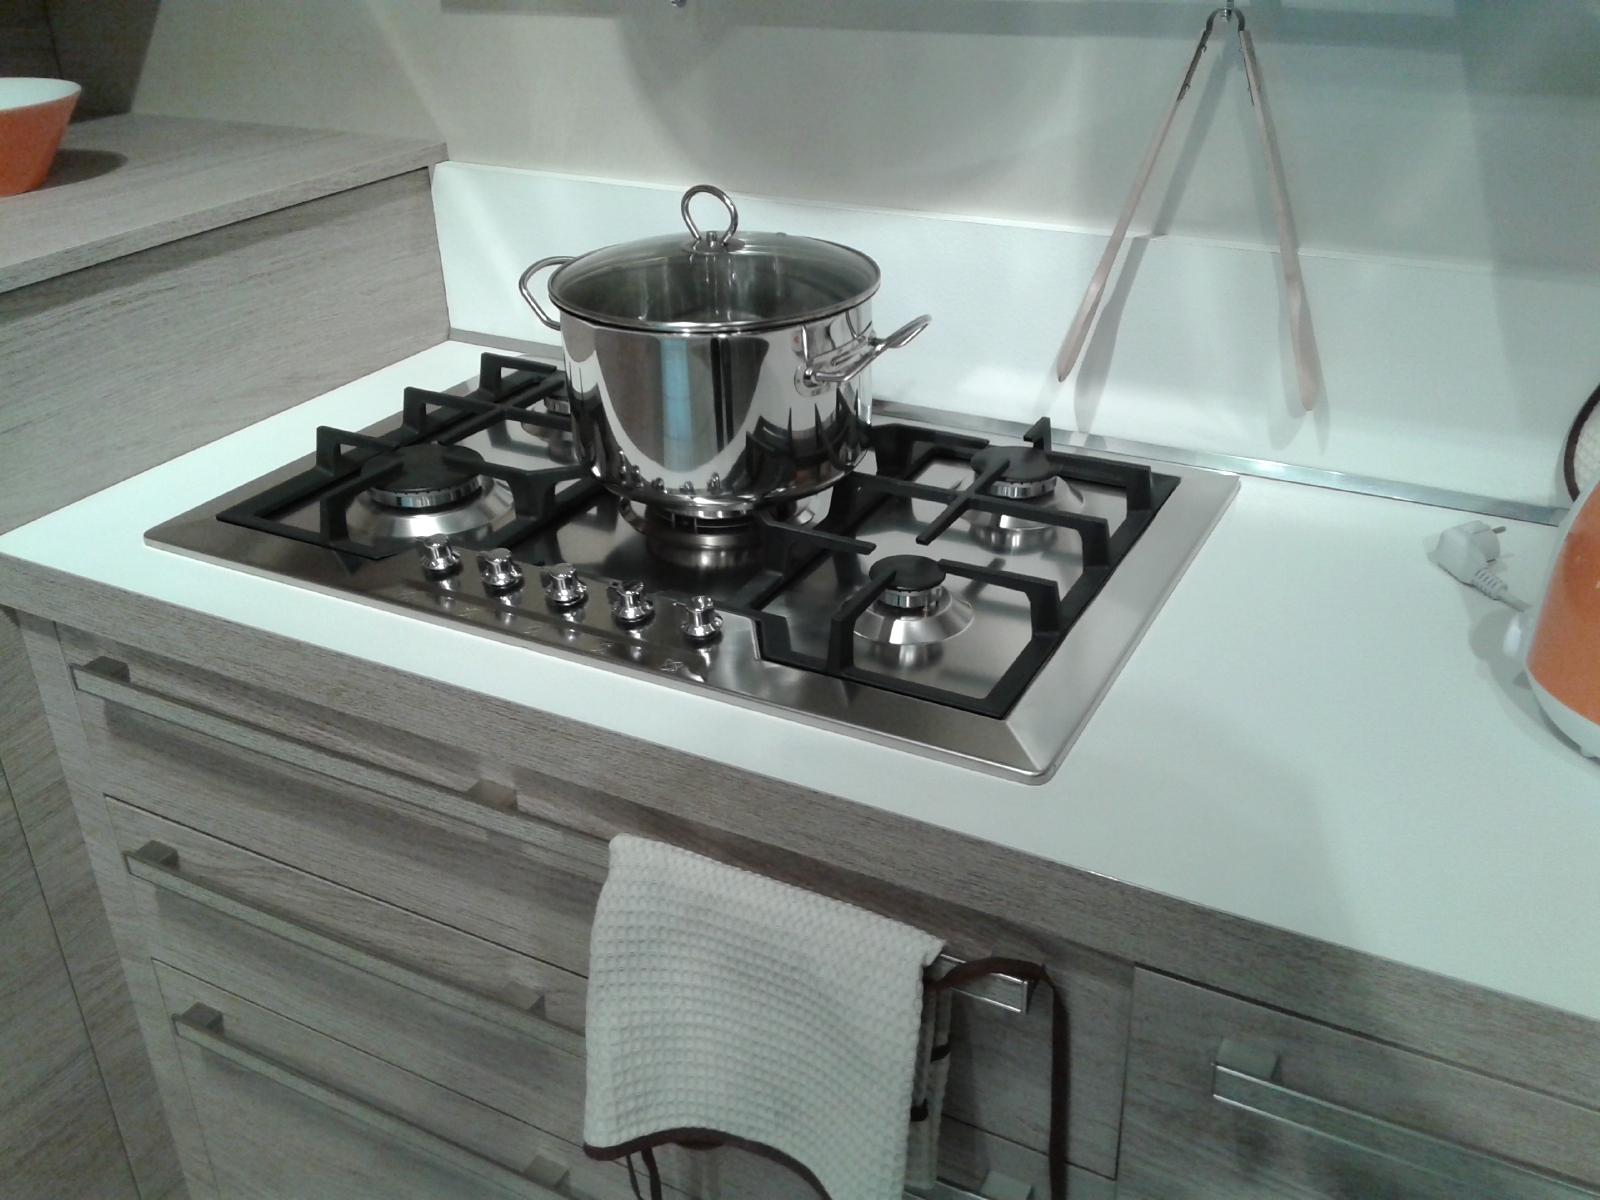 Cucina Veneta Cucine Ethica Decorativo Laminato Materico Cucine A  #6E4837 1600 1200 Veneta Cucine è Una Buona Marca